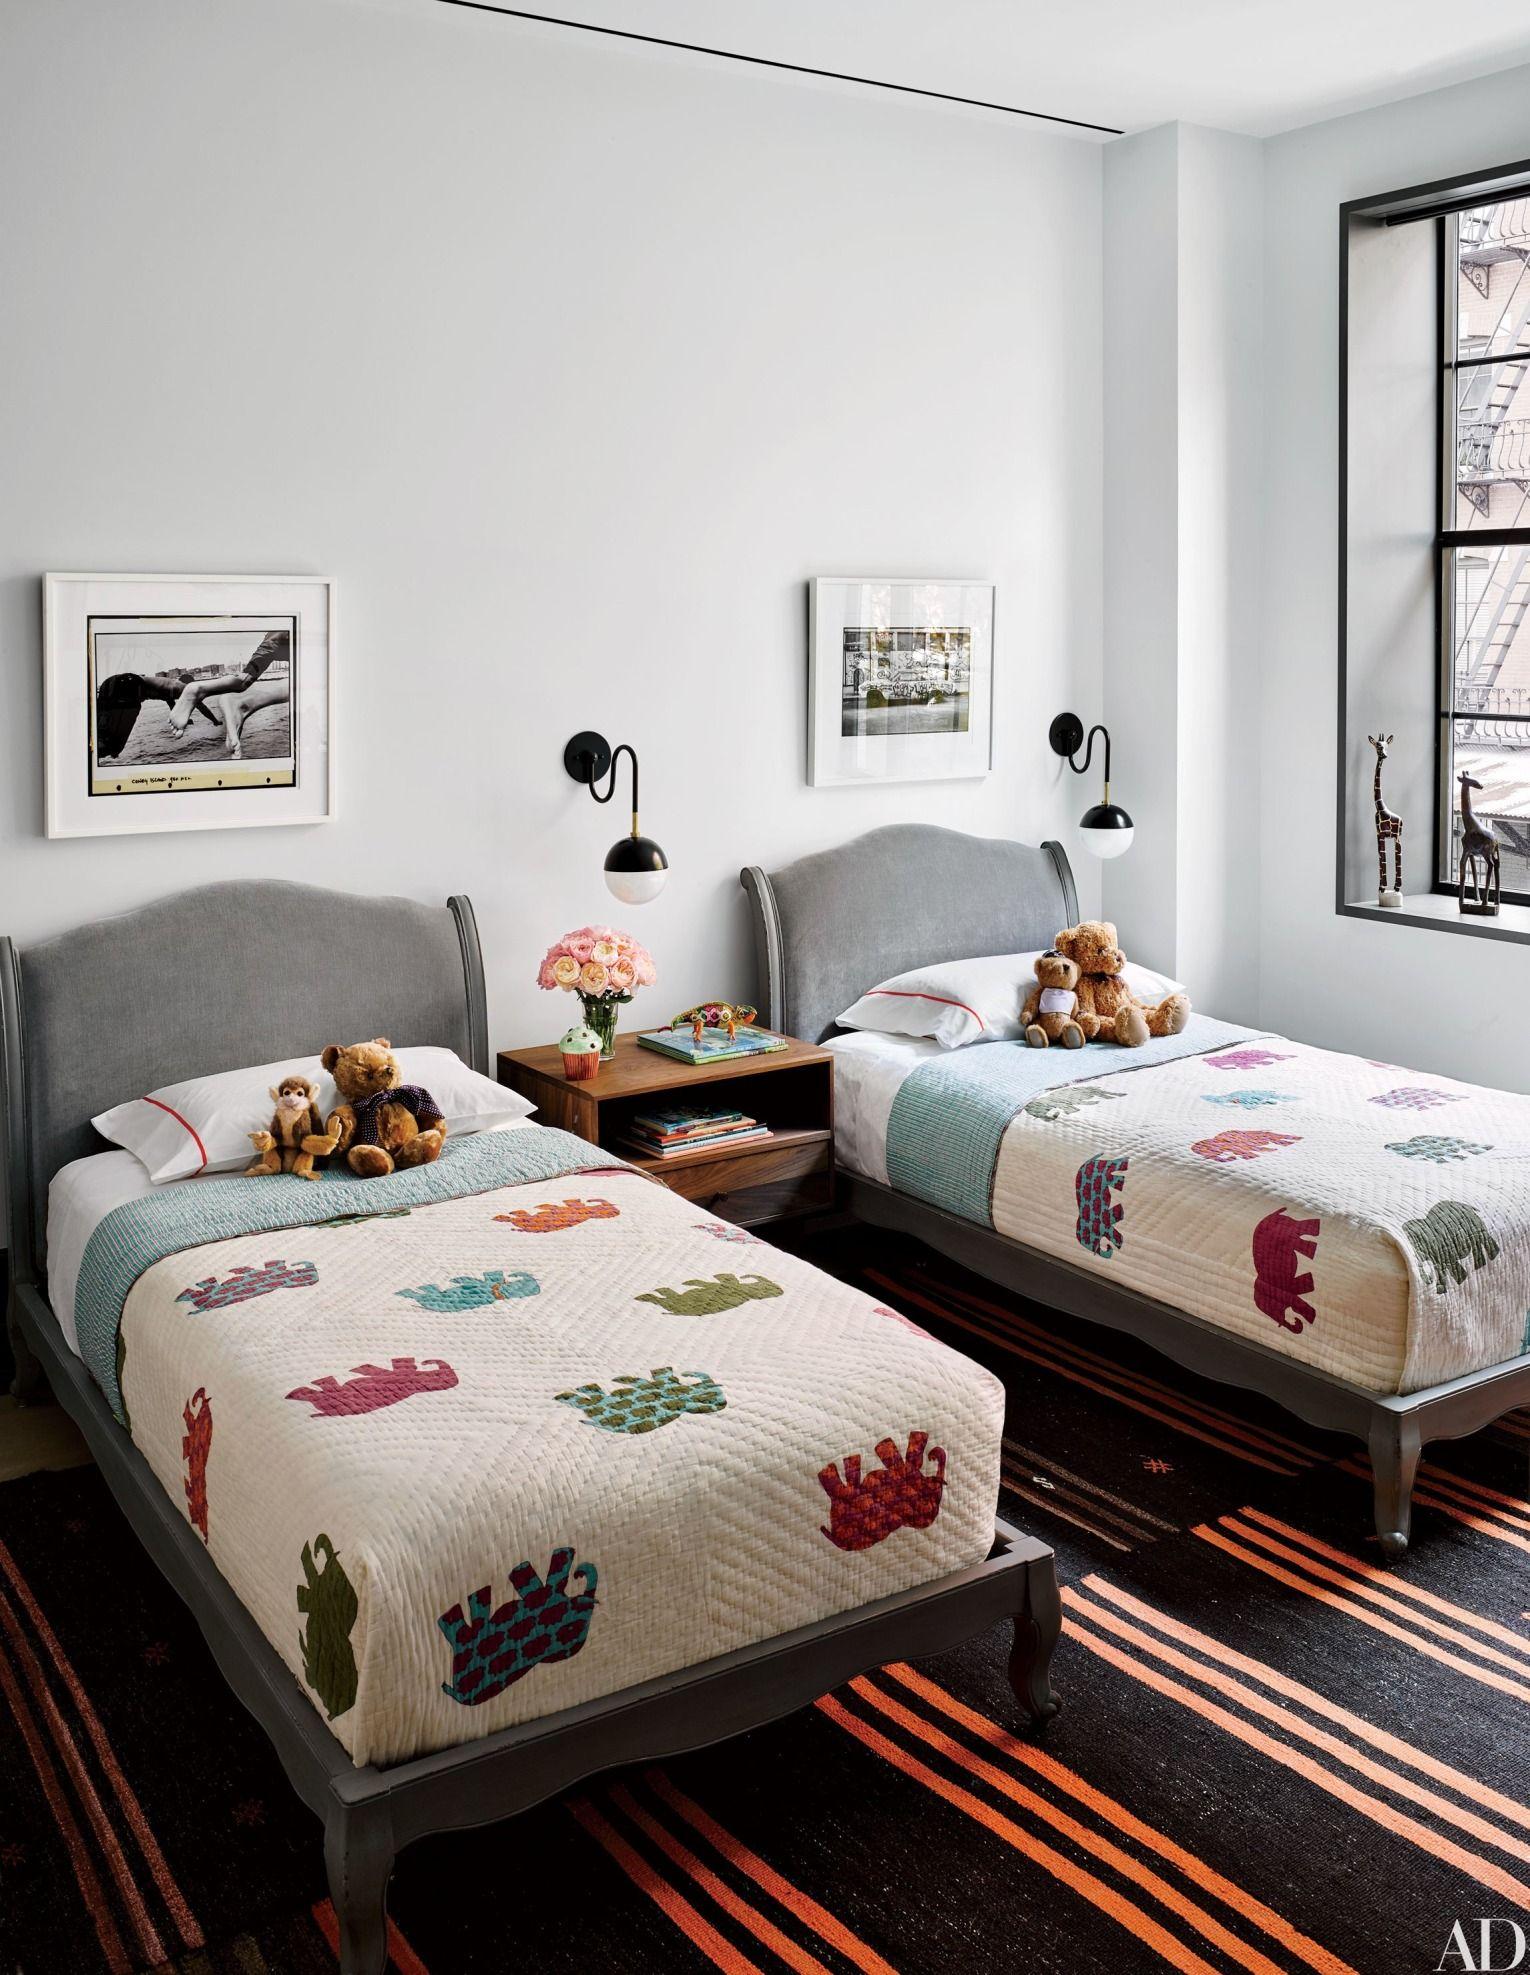 54 Stylish Kids Bedroom & Nursery Ideas | Kid beds, Shared ...